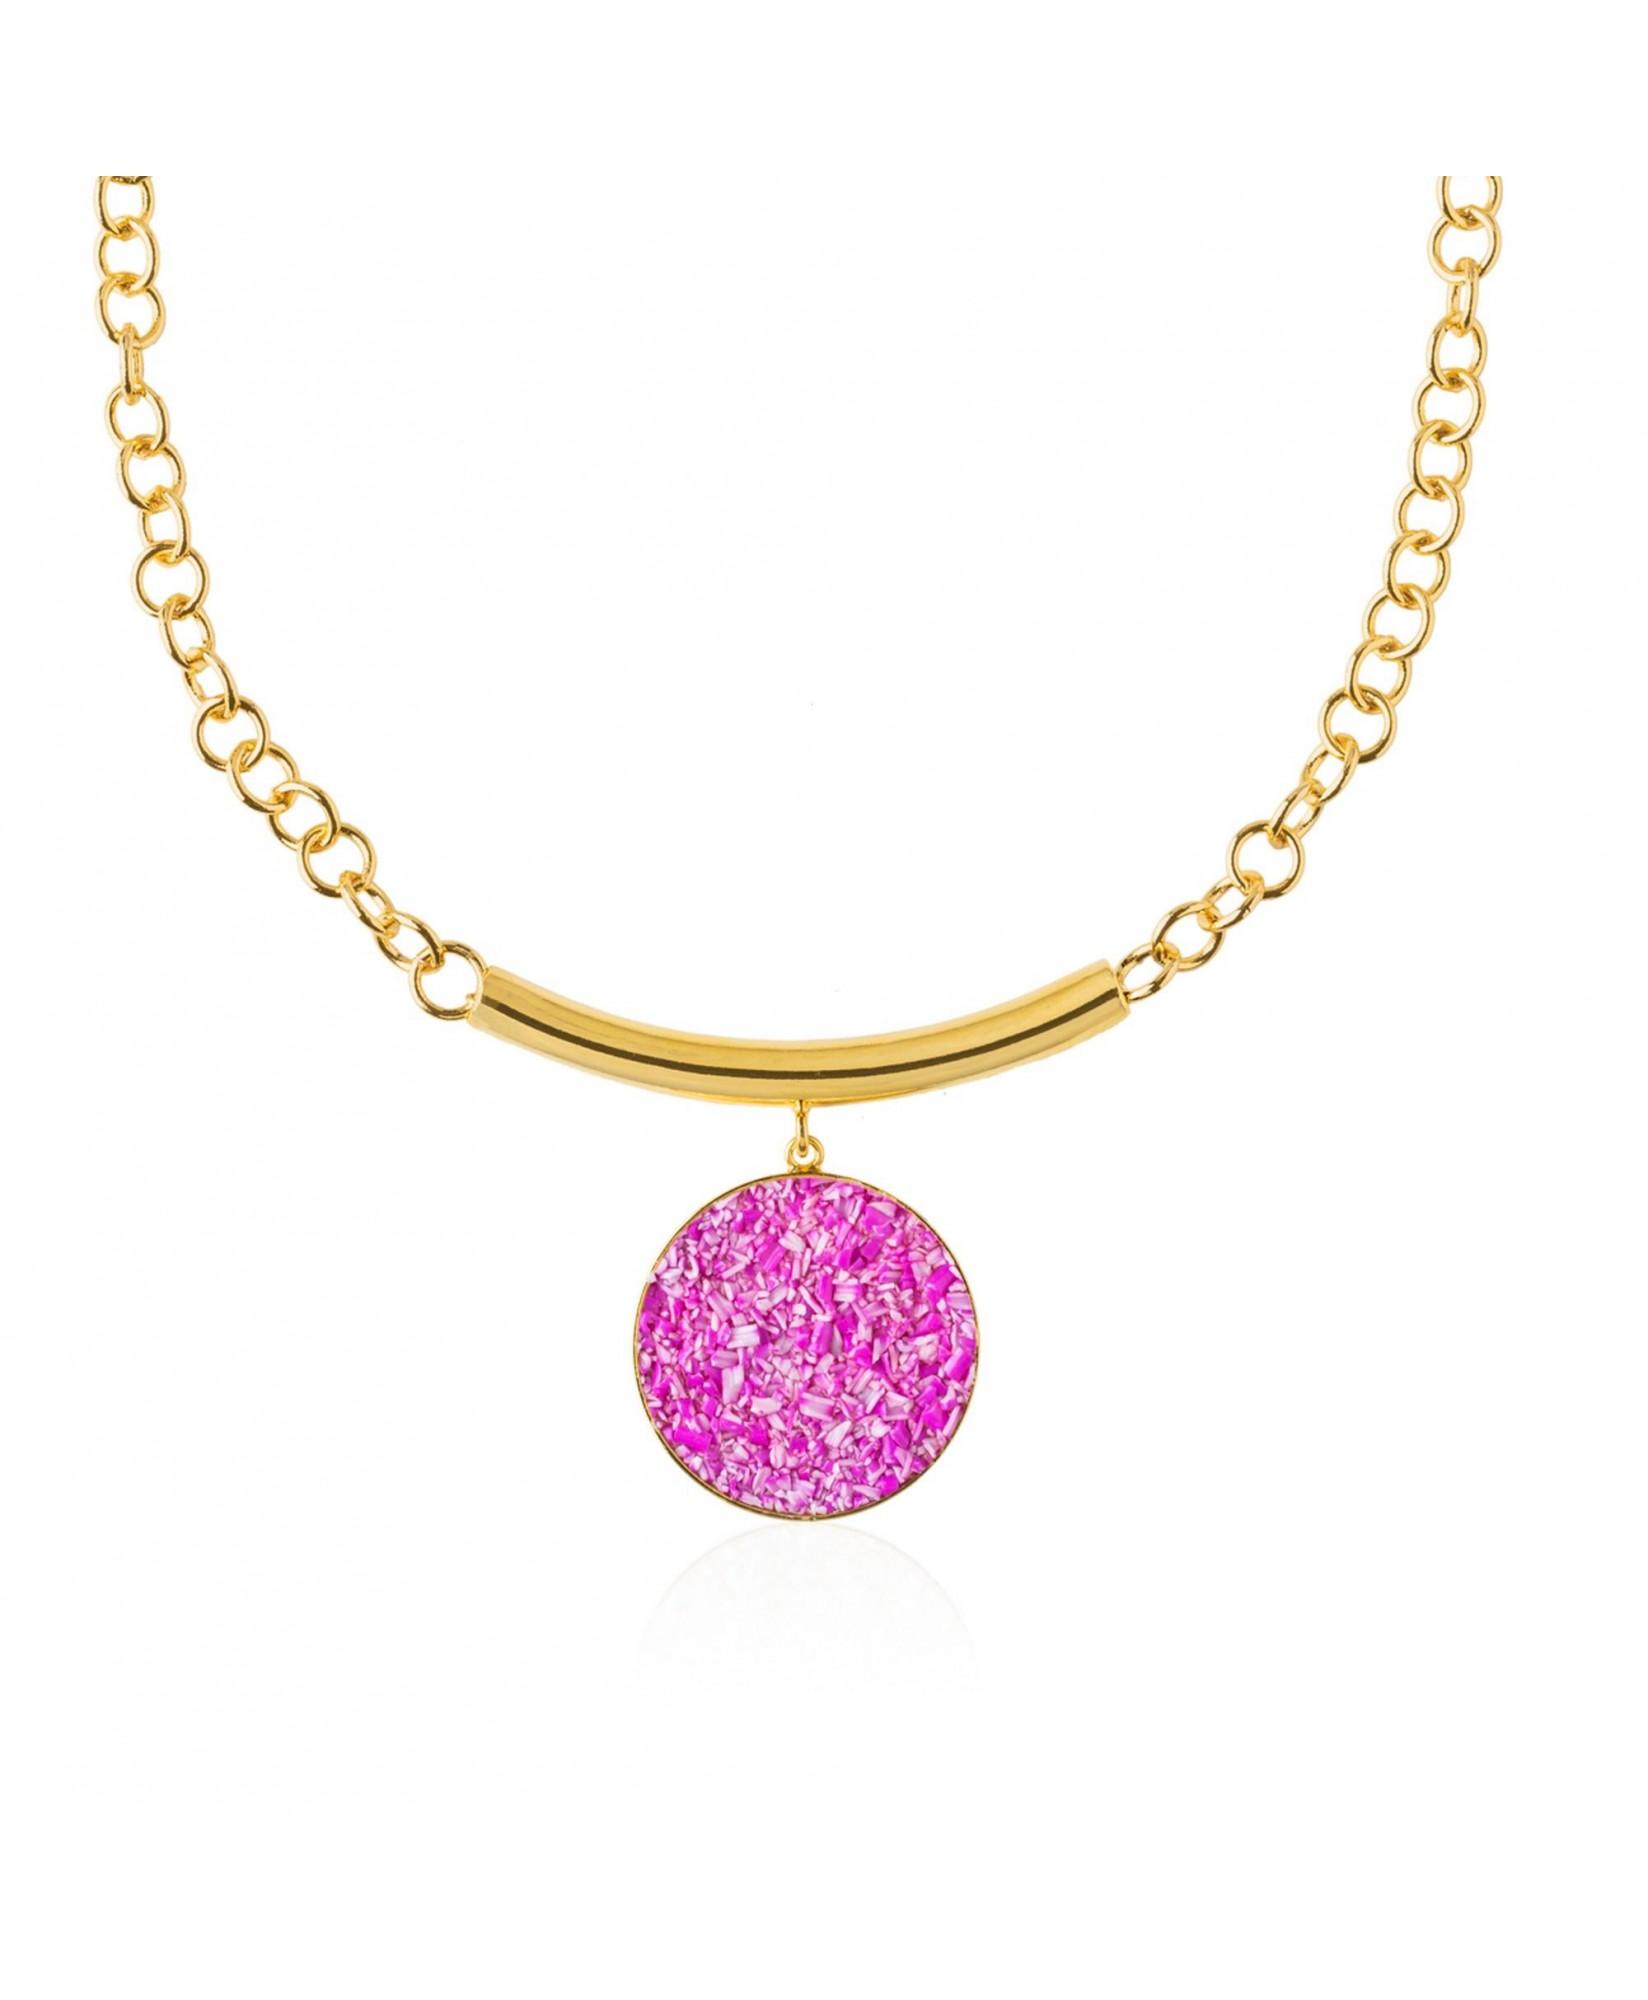 Collar oro Flora con nácar fuscia Collar oro Flora con nácar fuscia